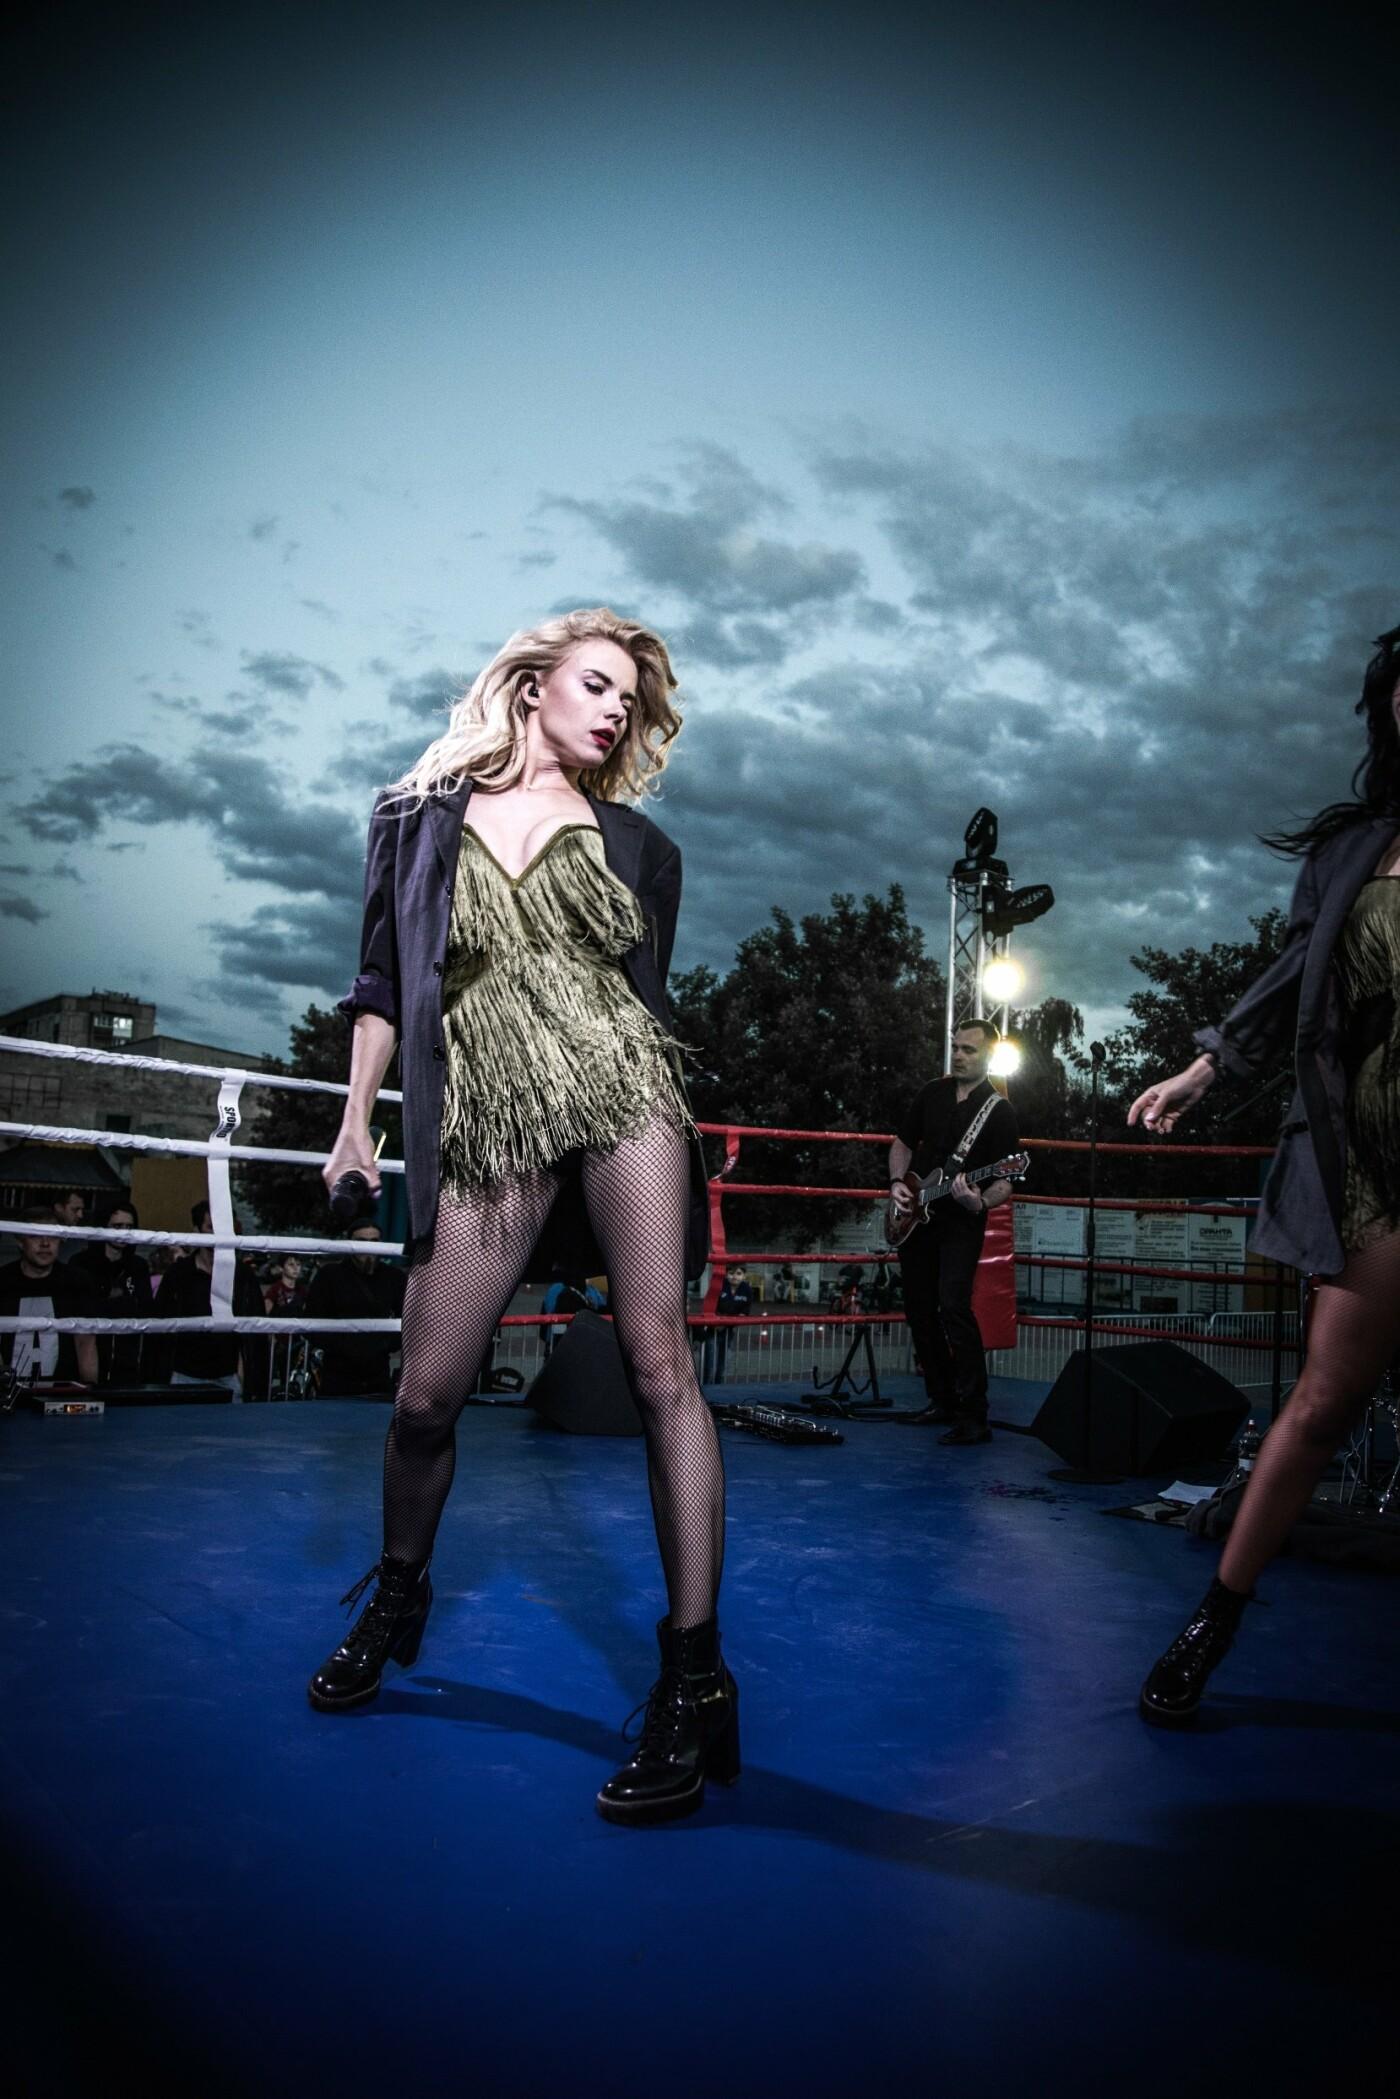 В Лисичанске прошел боксерский турнир памяти отца и сына Назаренко и концерт группы Армия, фото-28